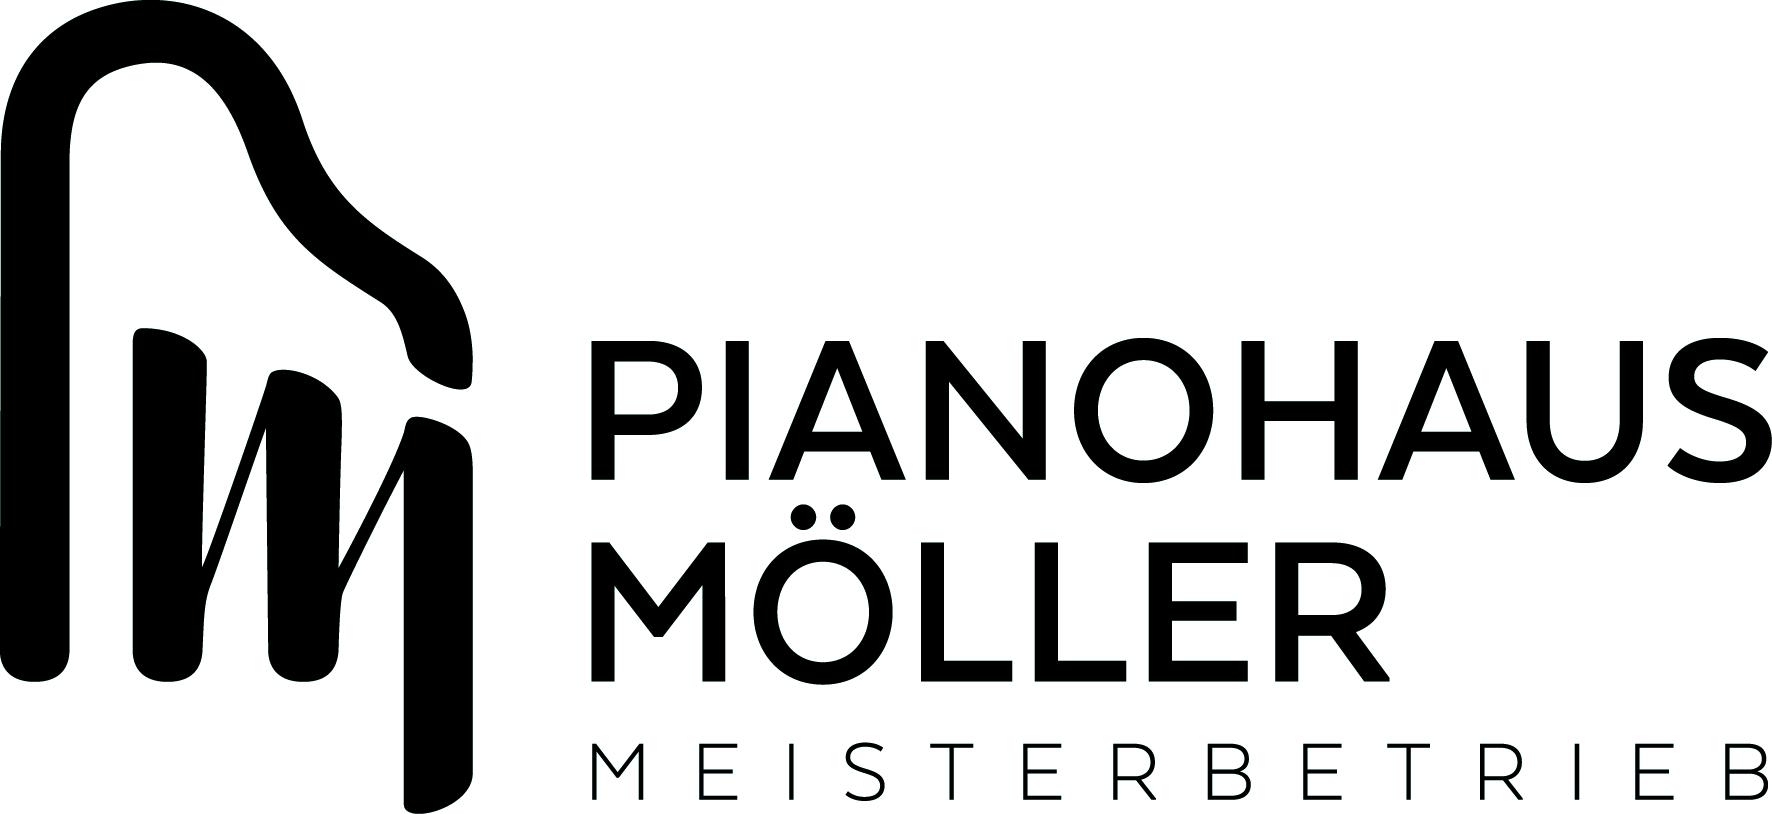 Pianohaus Möller